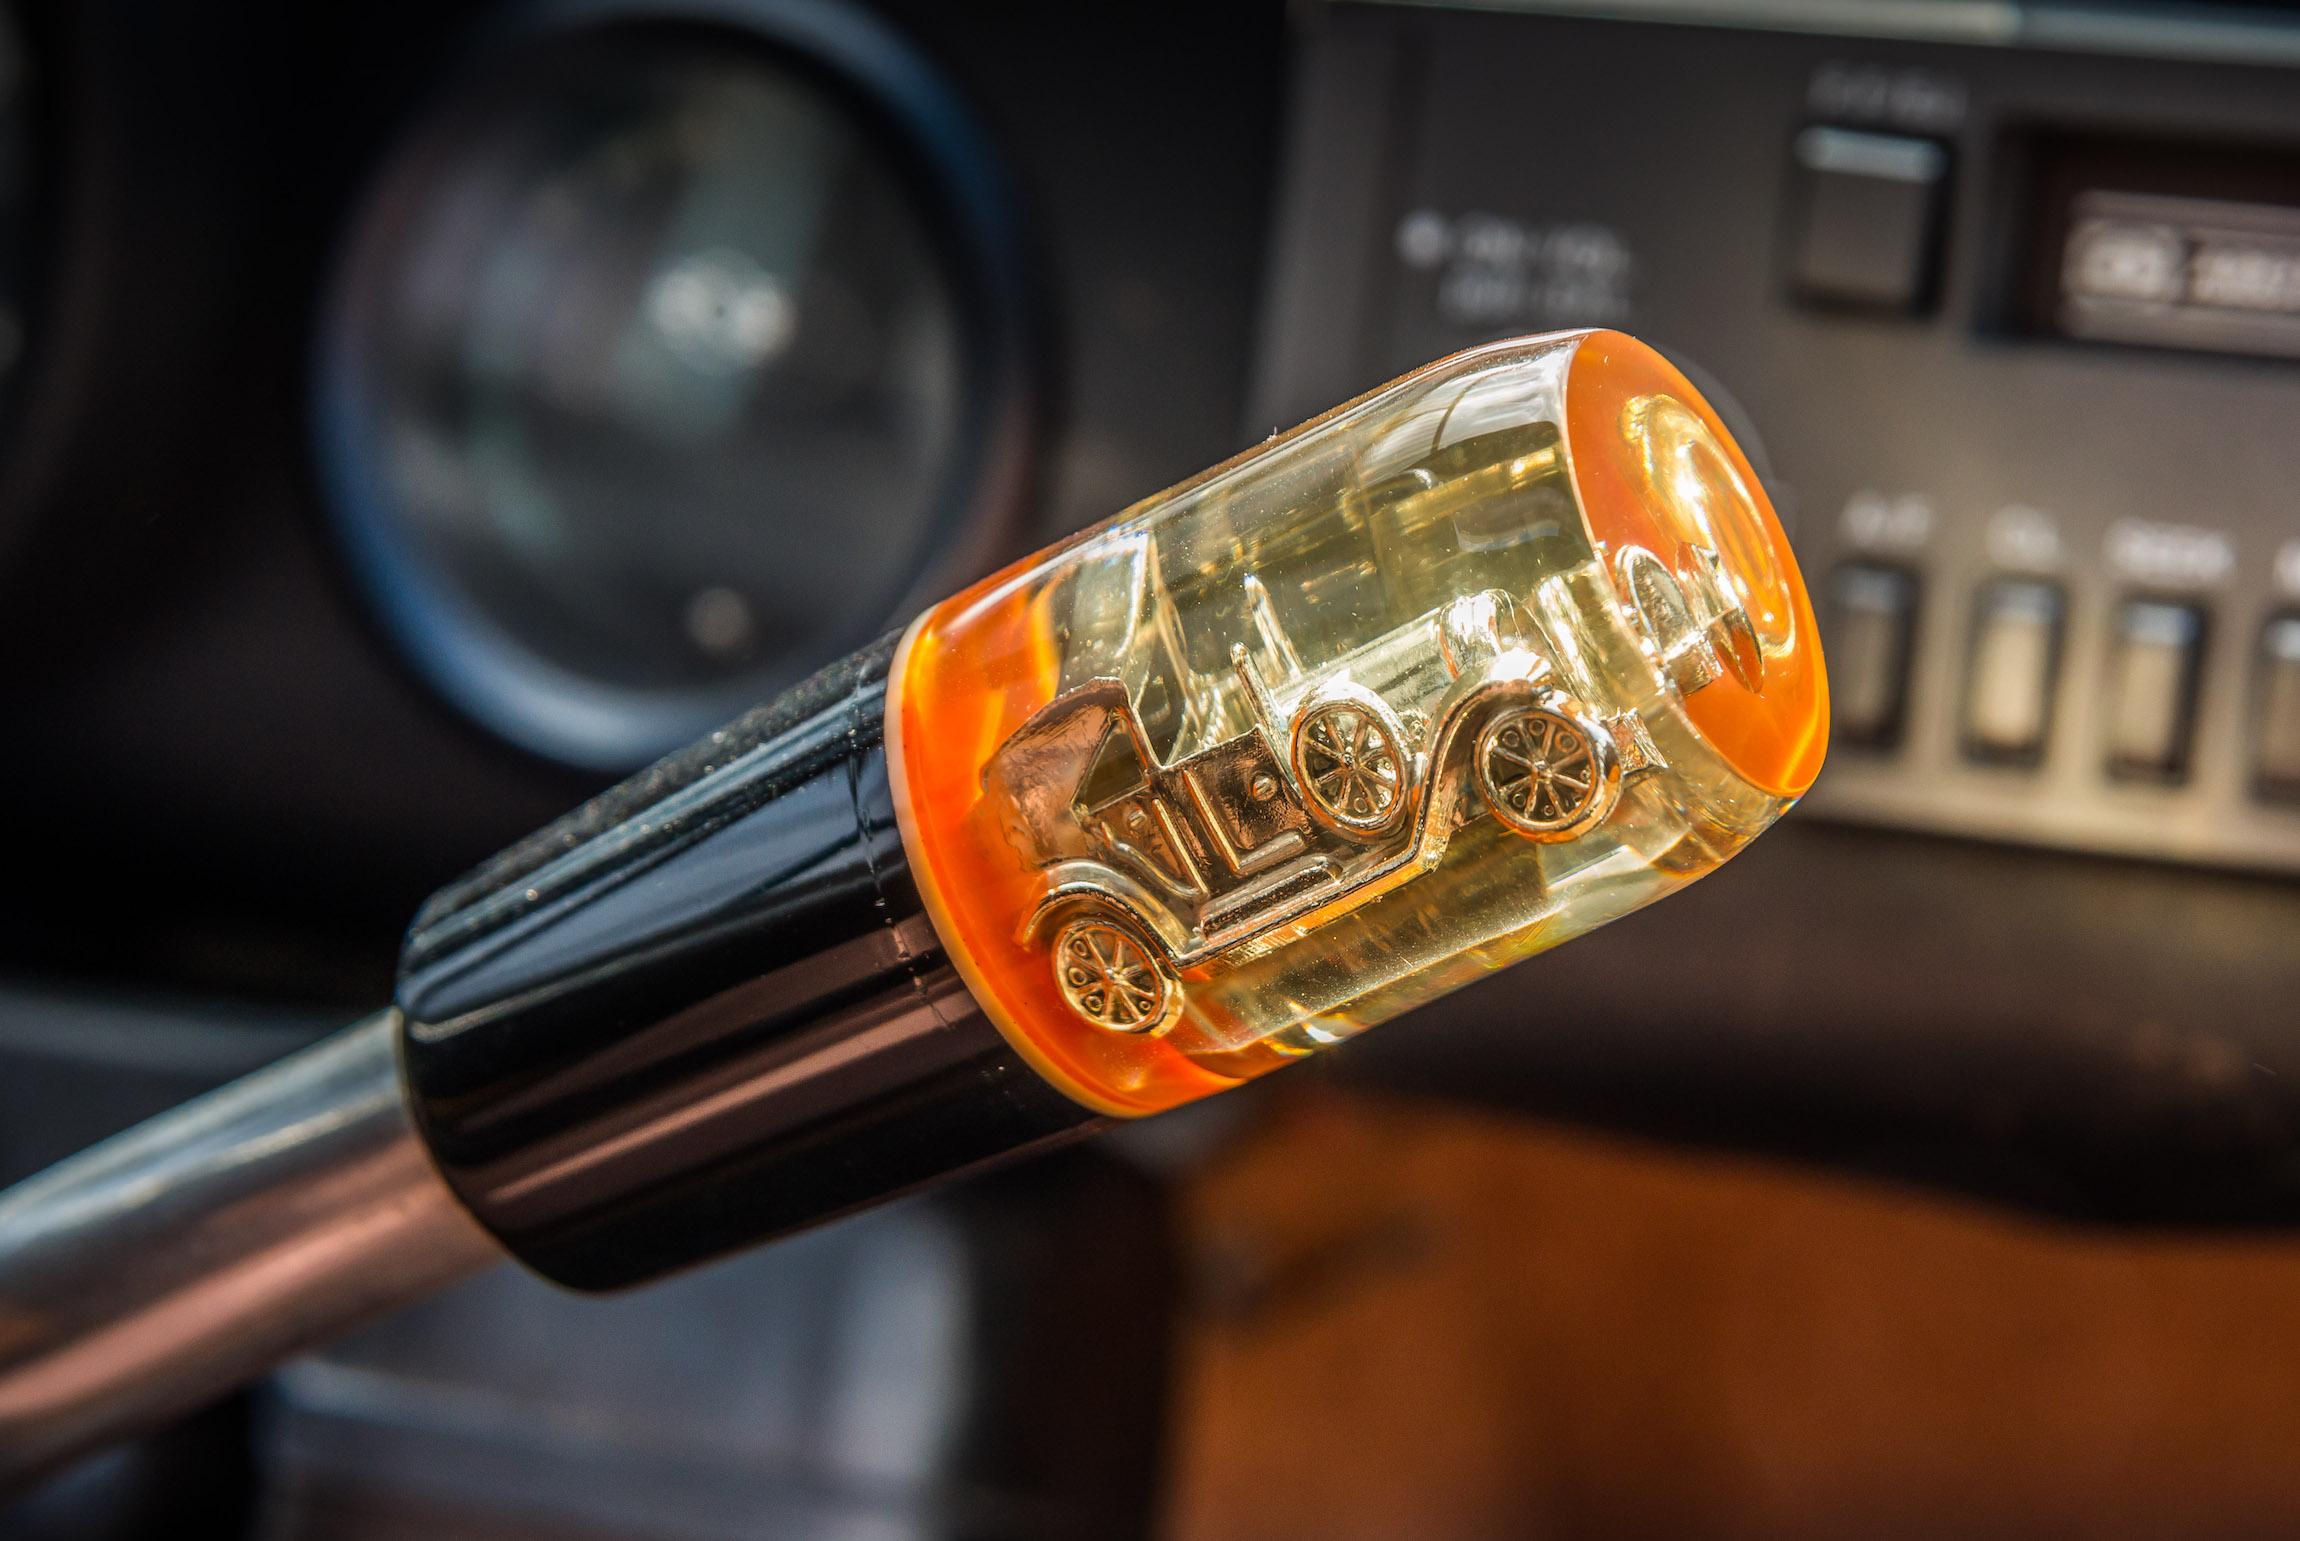 Trabant P601 indicator stalk